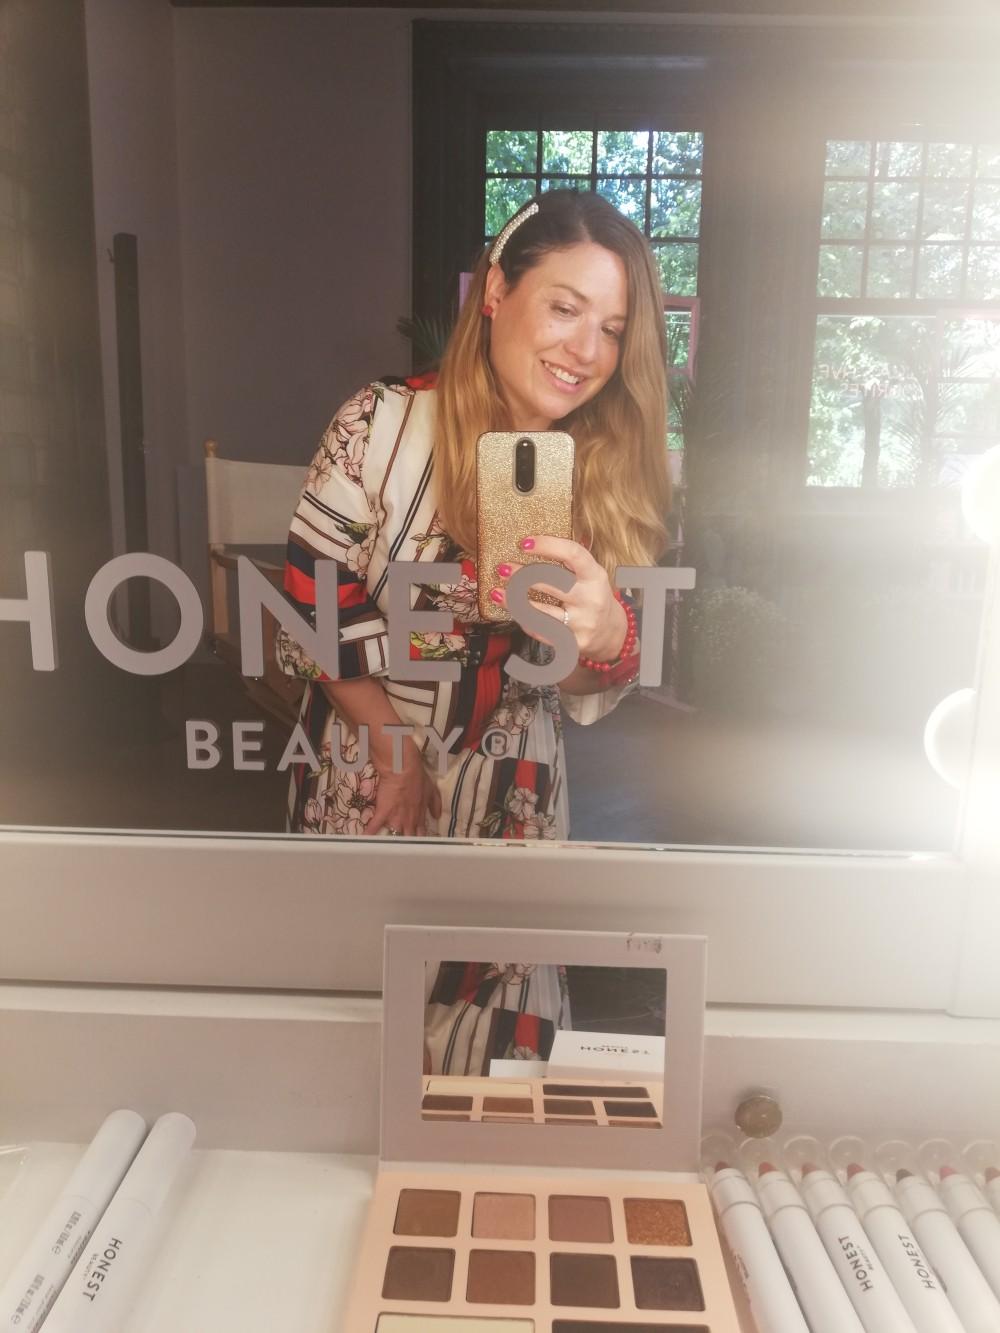 Recensione-prodotti-Honest-Beauty